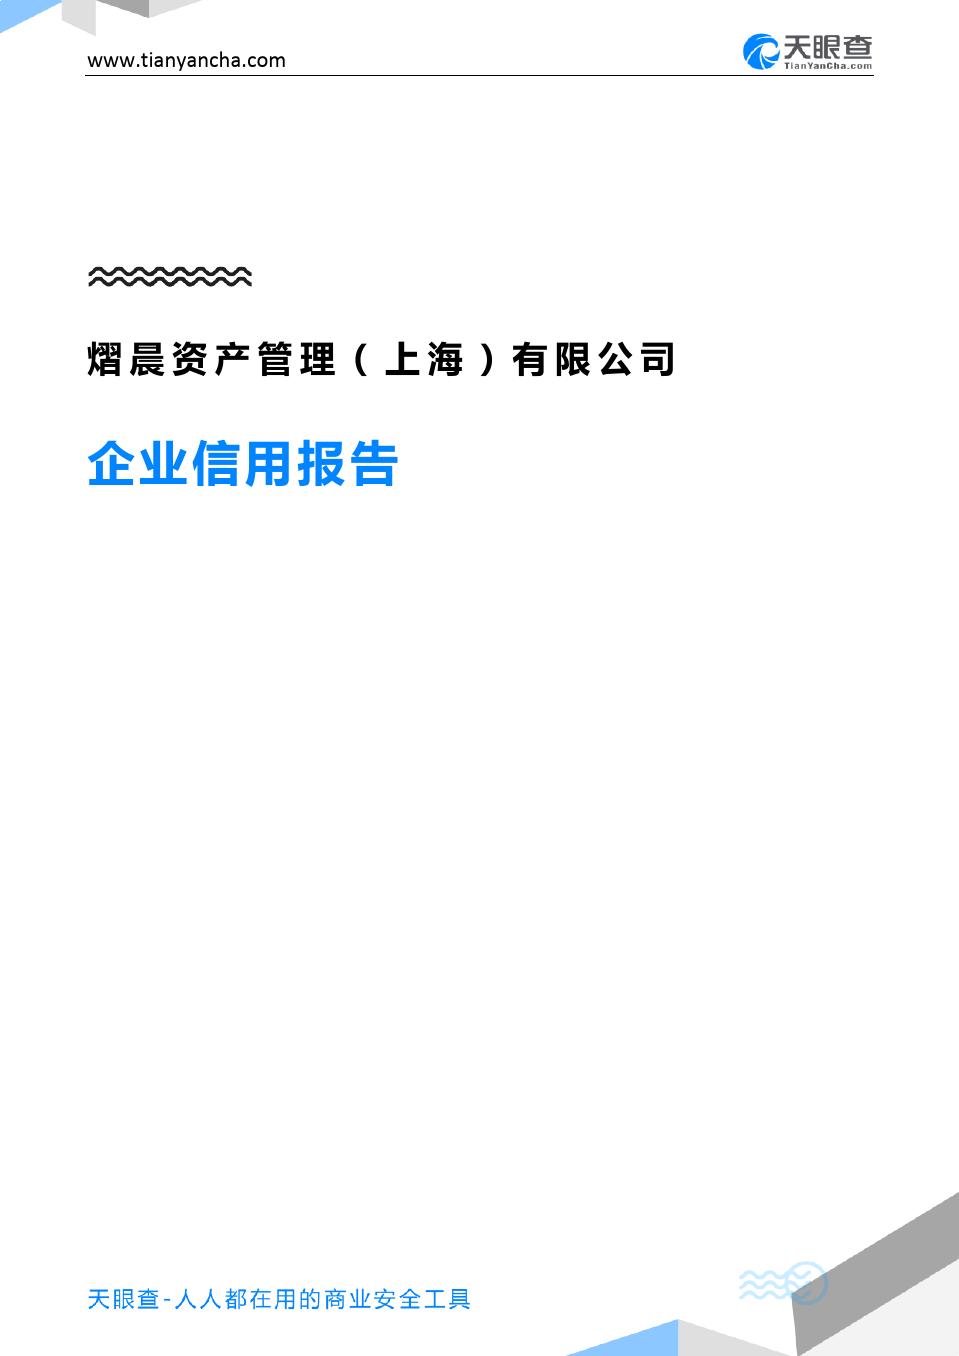 熠晨资产管理(上海)有限公司(企业信用报告)- 天眼查